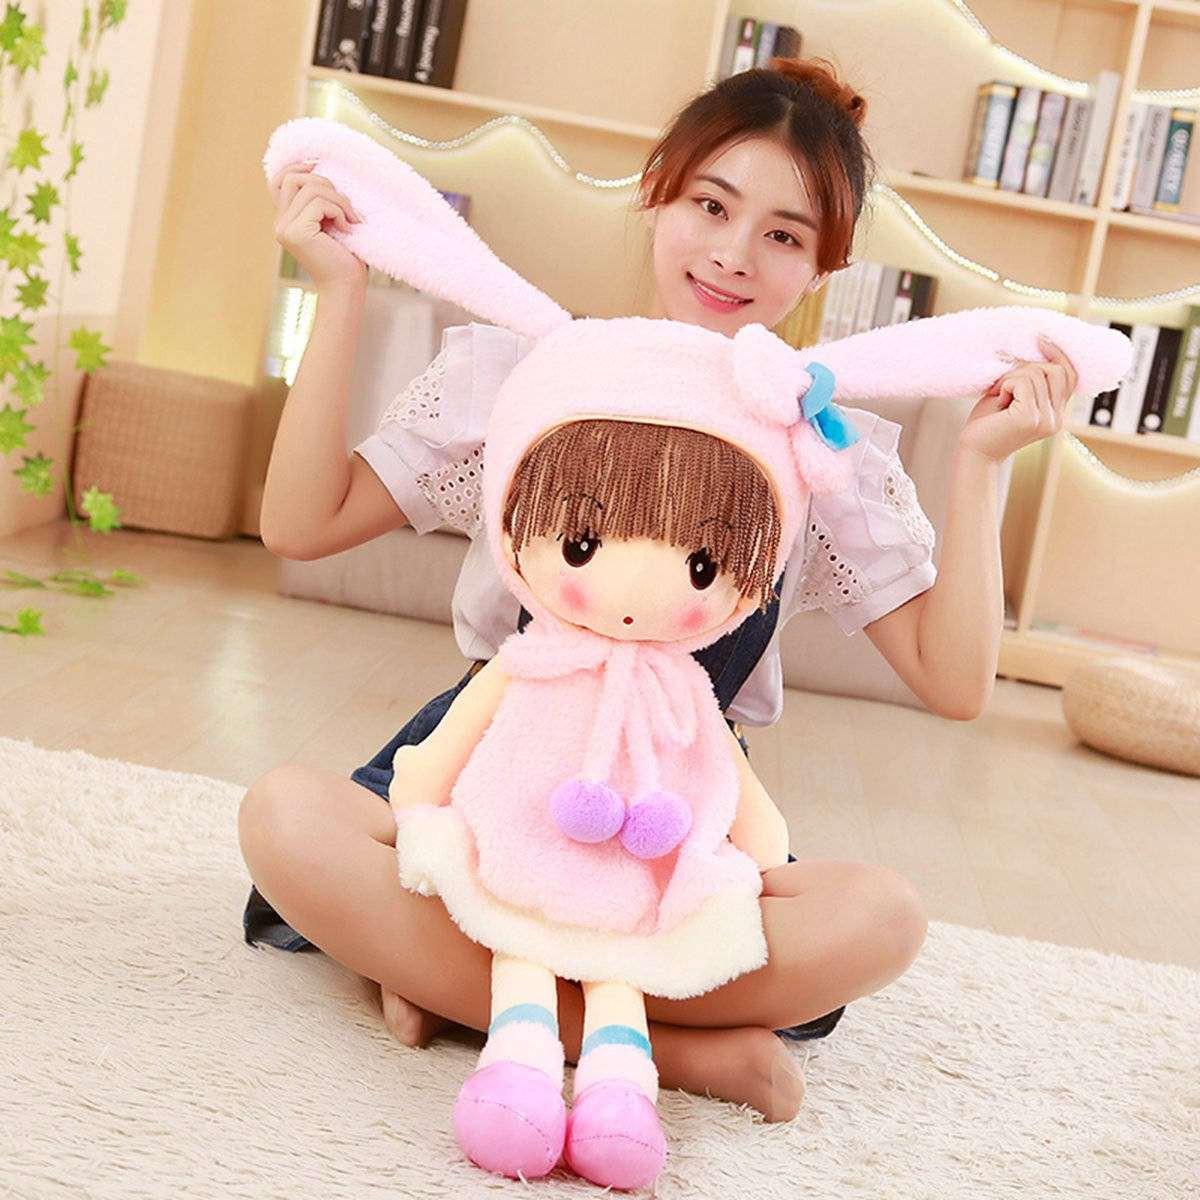 秒殺新貨小女孩布藝雪萌女寶寶公仔毛絨玩具洋娃娃玩偶公主幼兒童禮物品328